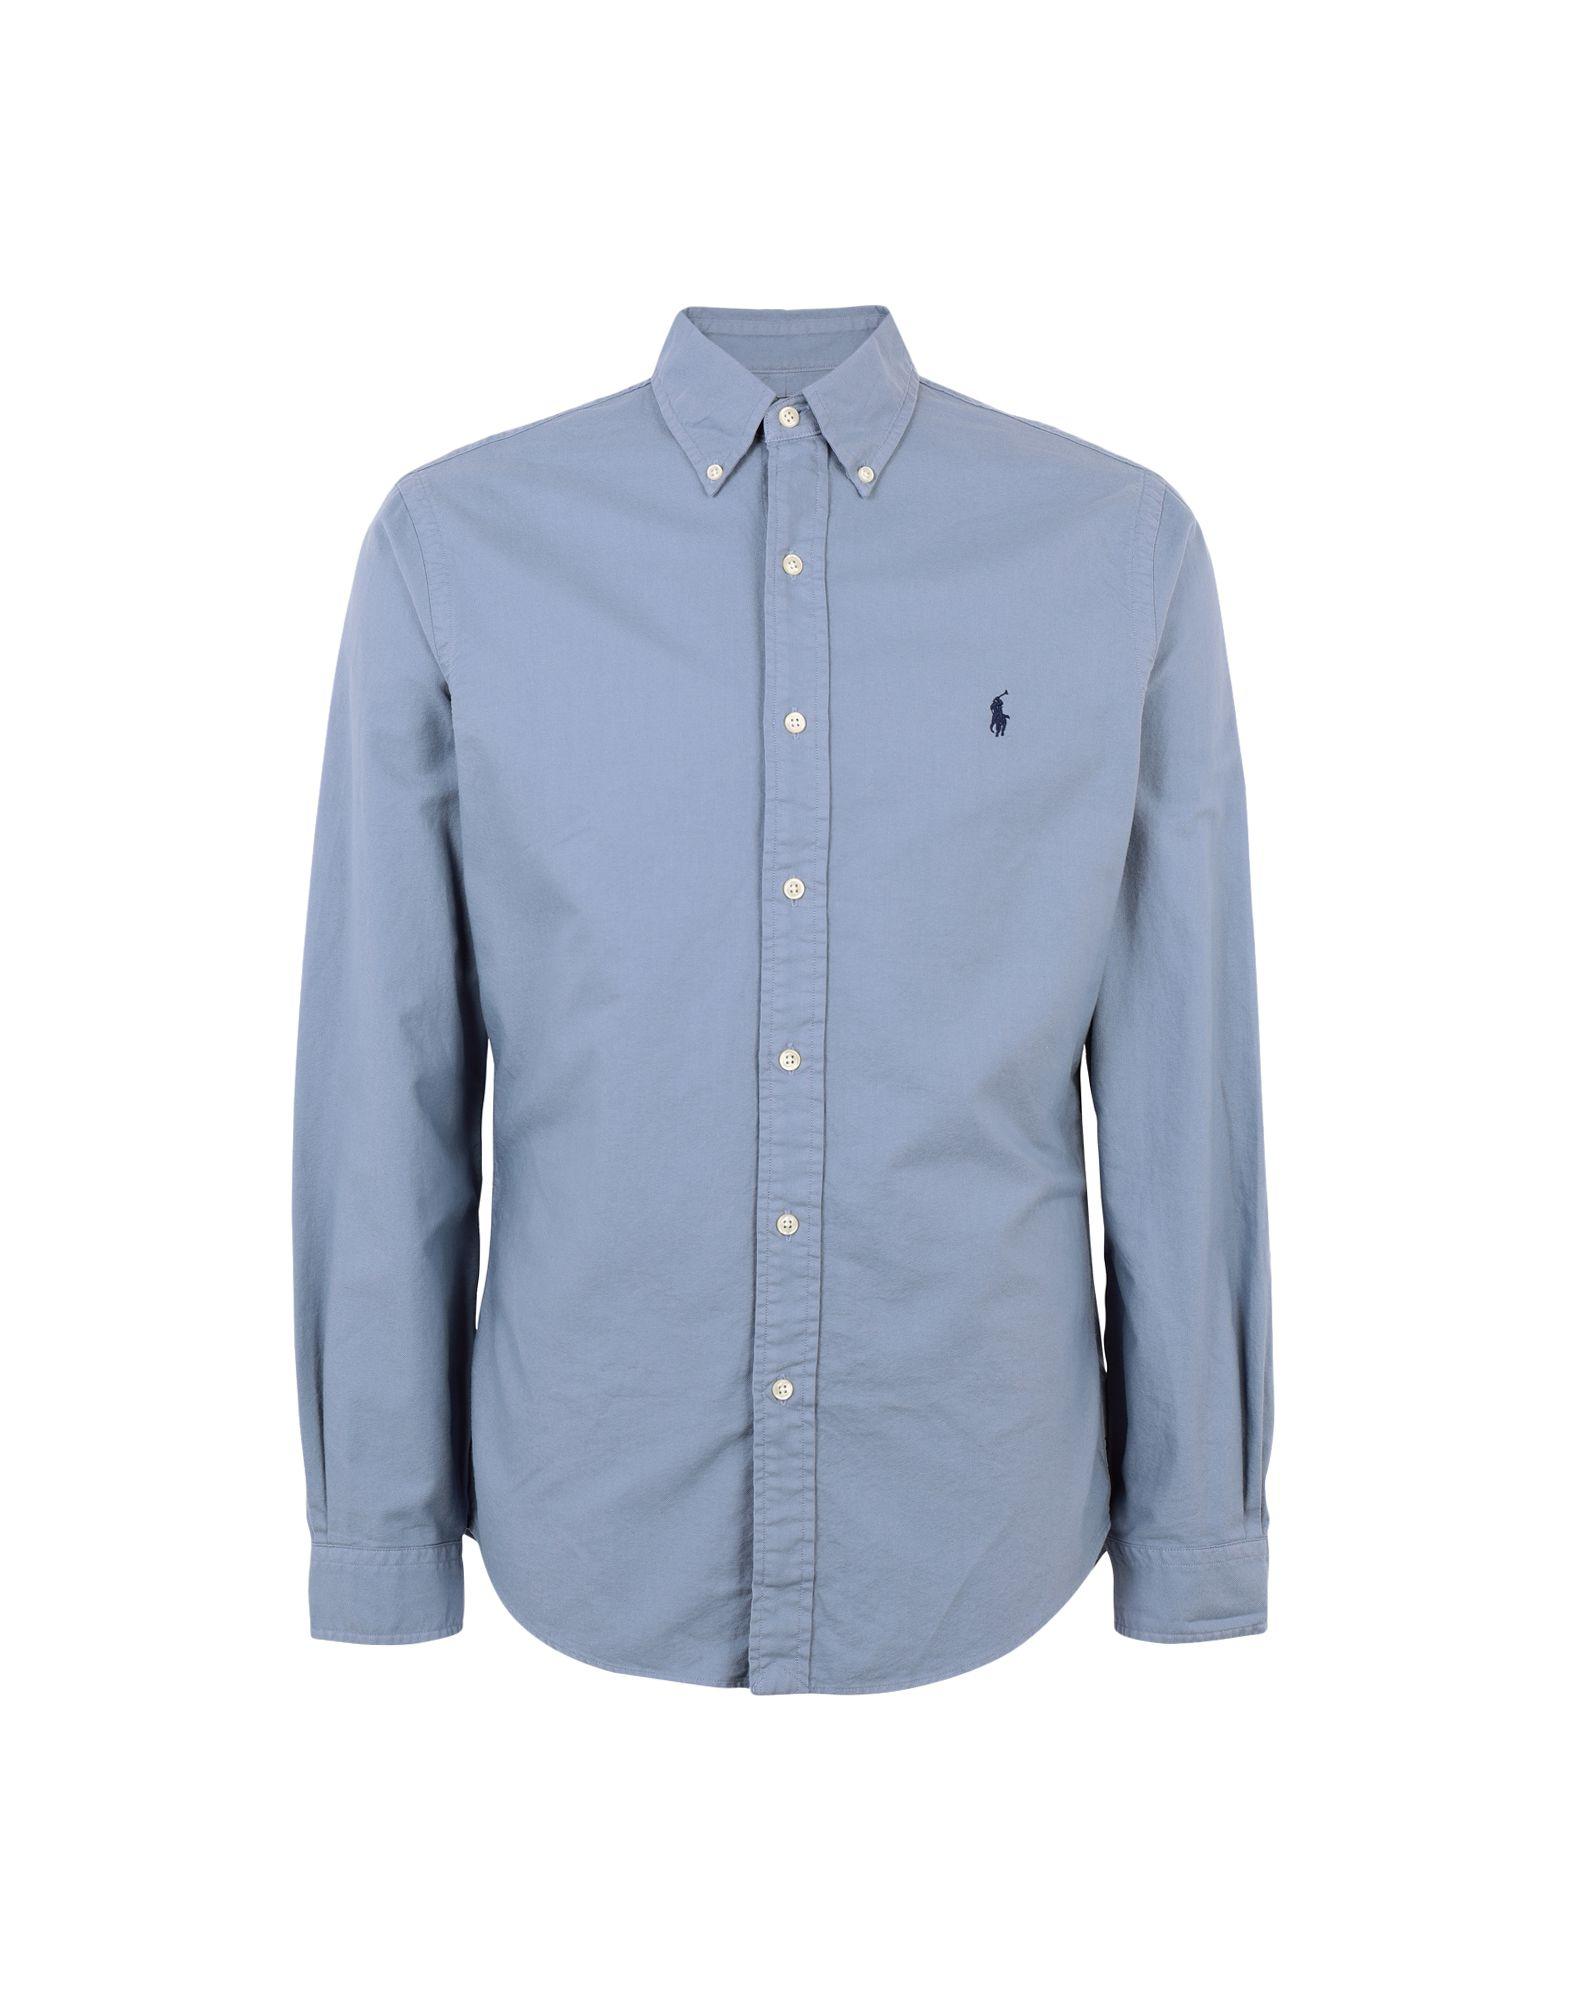 《送料無料》POLO RALPH LAUREN メンズ シャツ パステルブルー XS コットン 100% Slim Fit Oxford Shirt